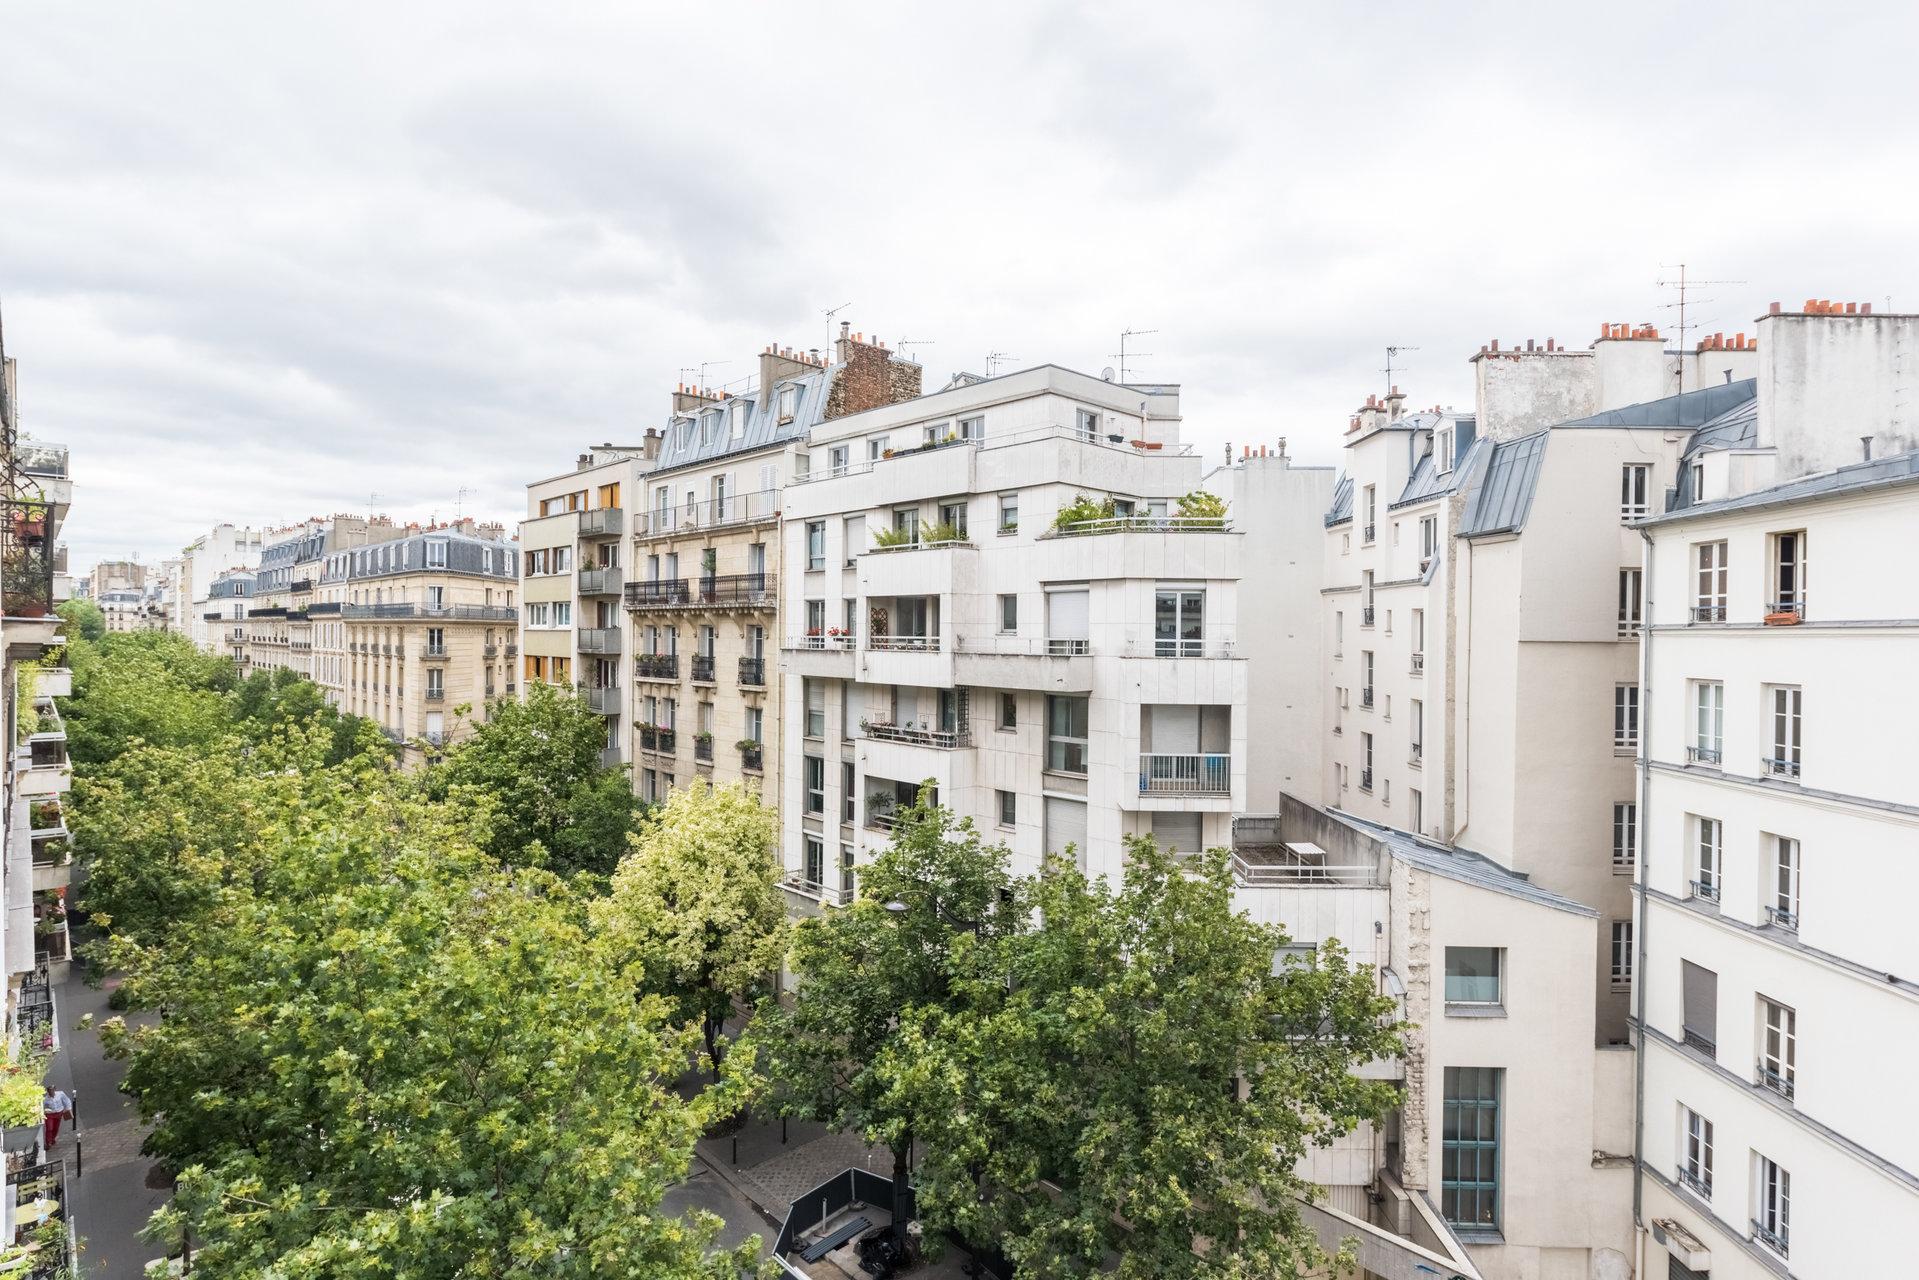 Paris - XVII ème - MOINES / DAVY - M° Guy Môquet - 2 PIÈCES VENDU LOUÉ - ÉTAGE ÉLEVÉ - SOLEIL - VUE DÉGAGÉE